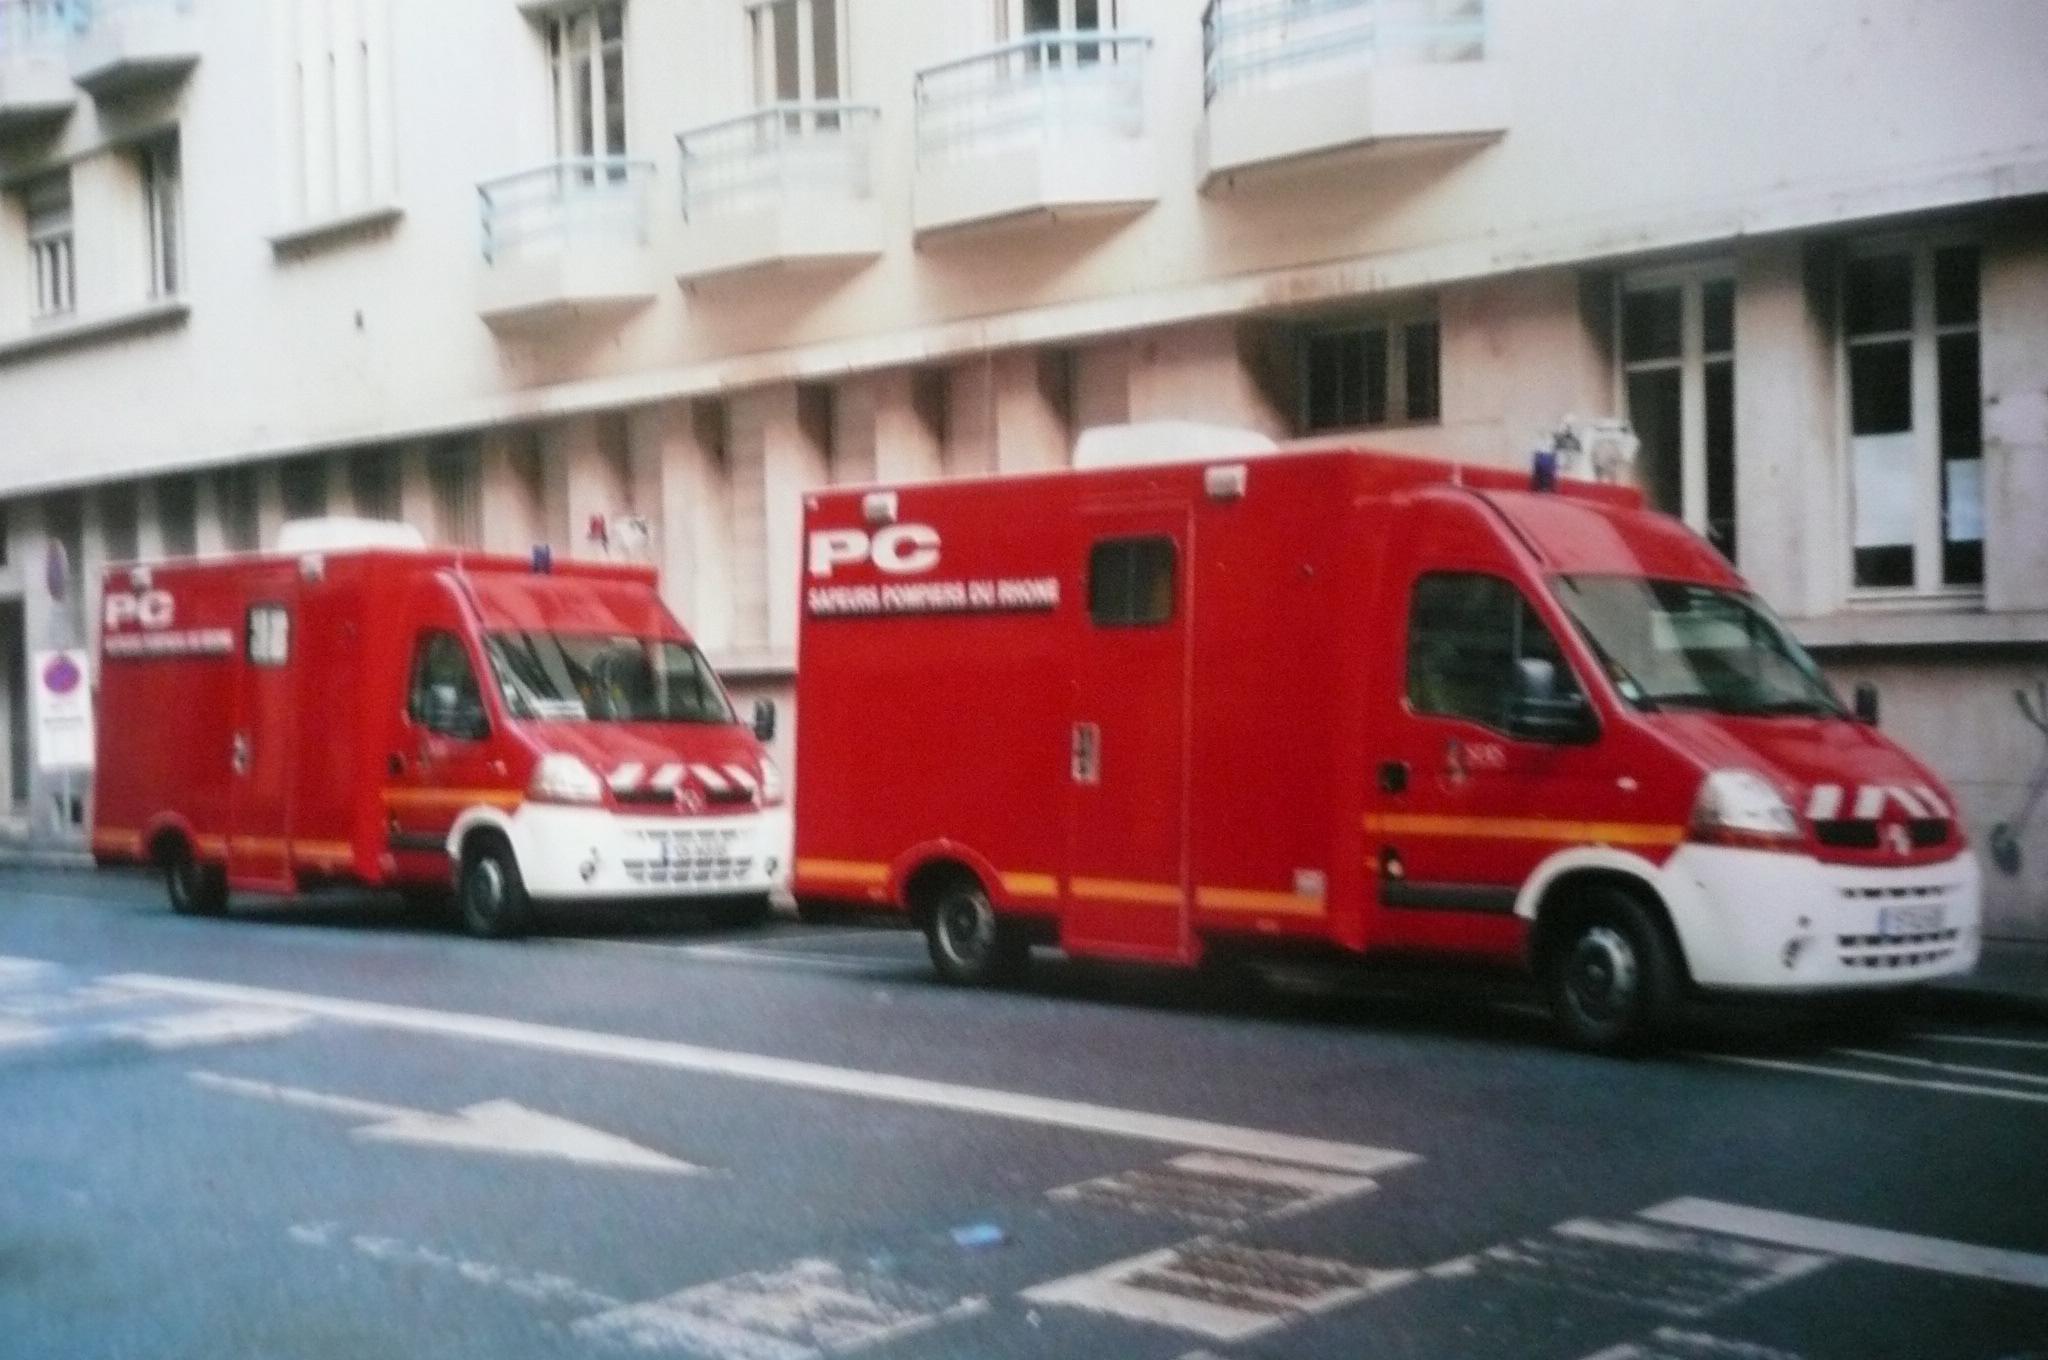 V hicules des pompiers fran ais page 1708 auto titre for Garage renault valdan wittelsheim